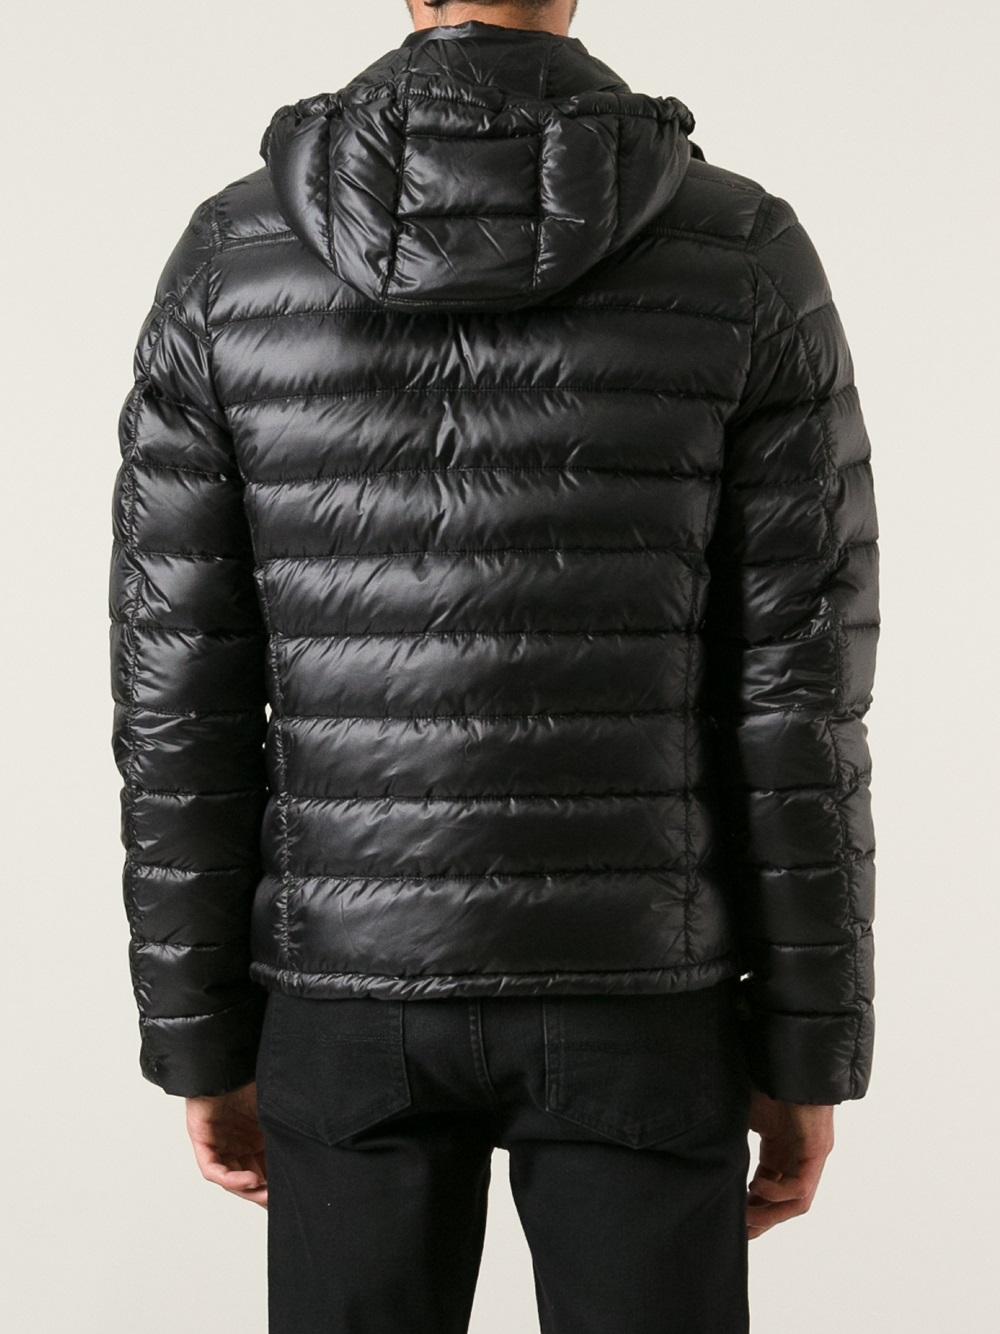 Duvetica Padded Jacket in Black for Men